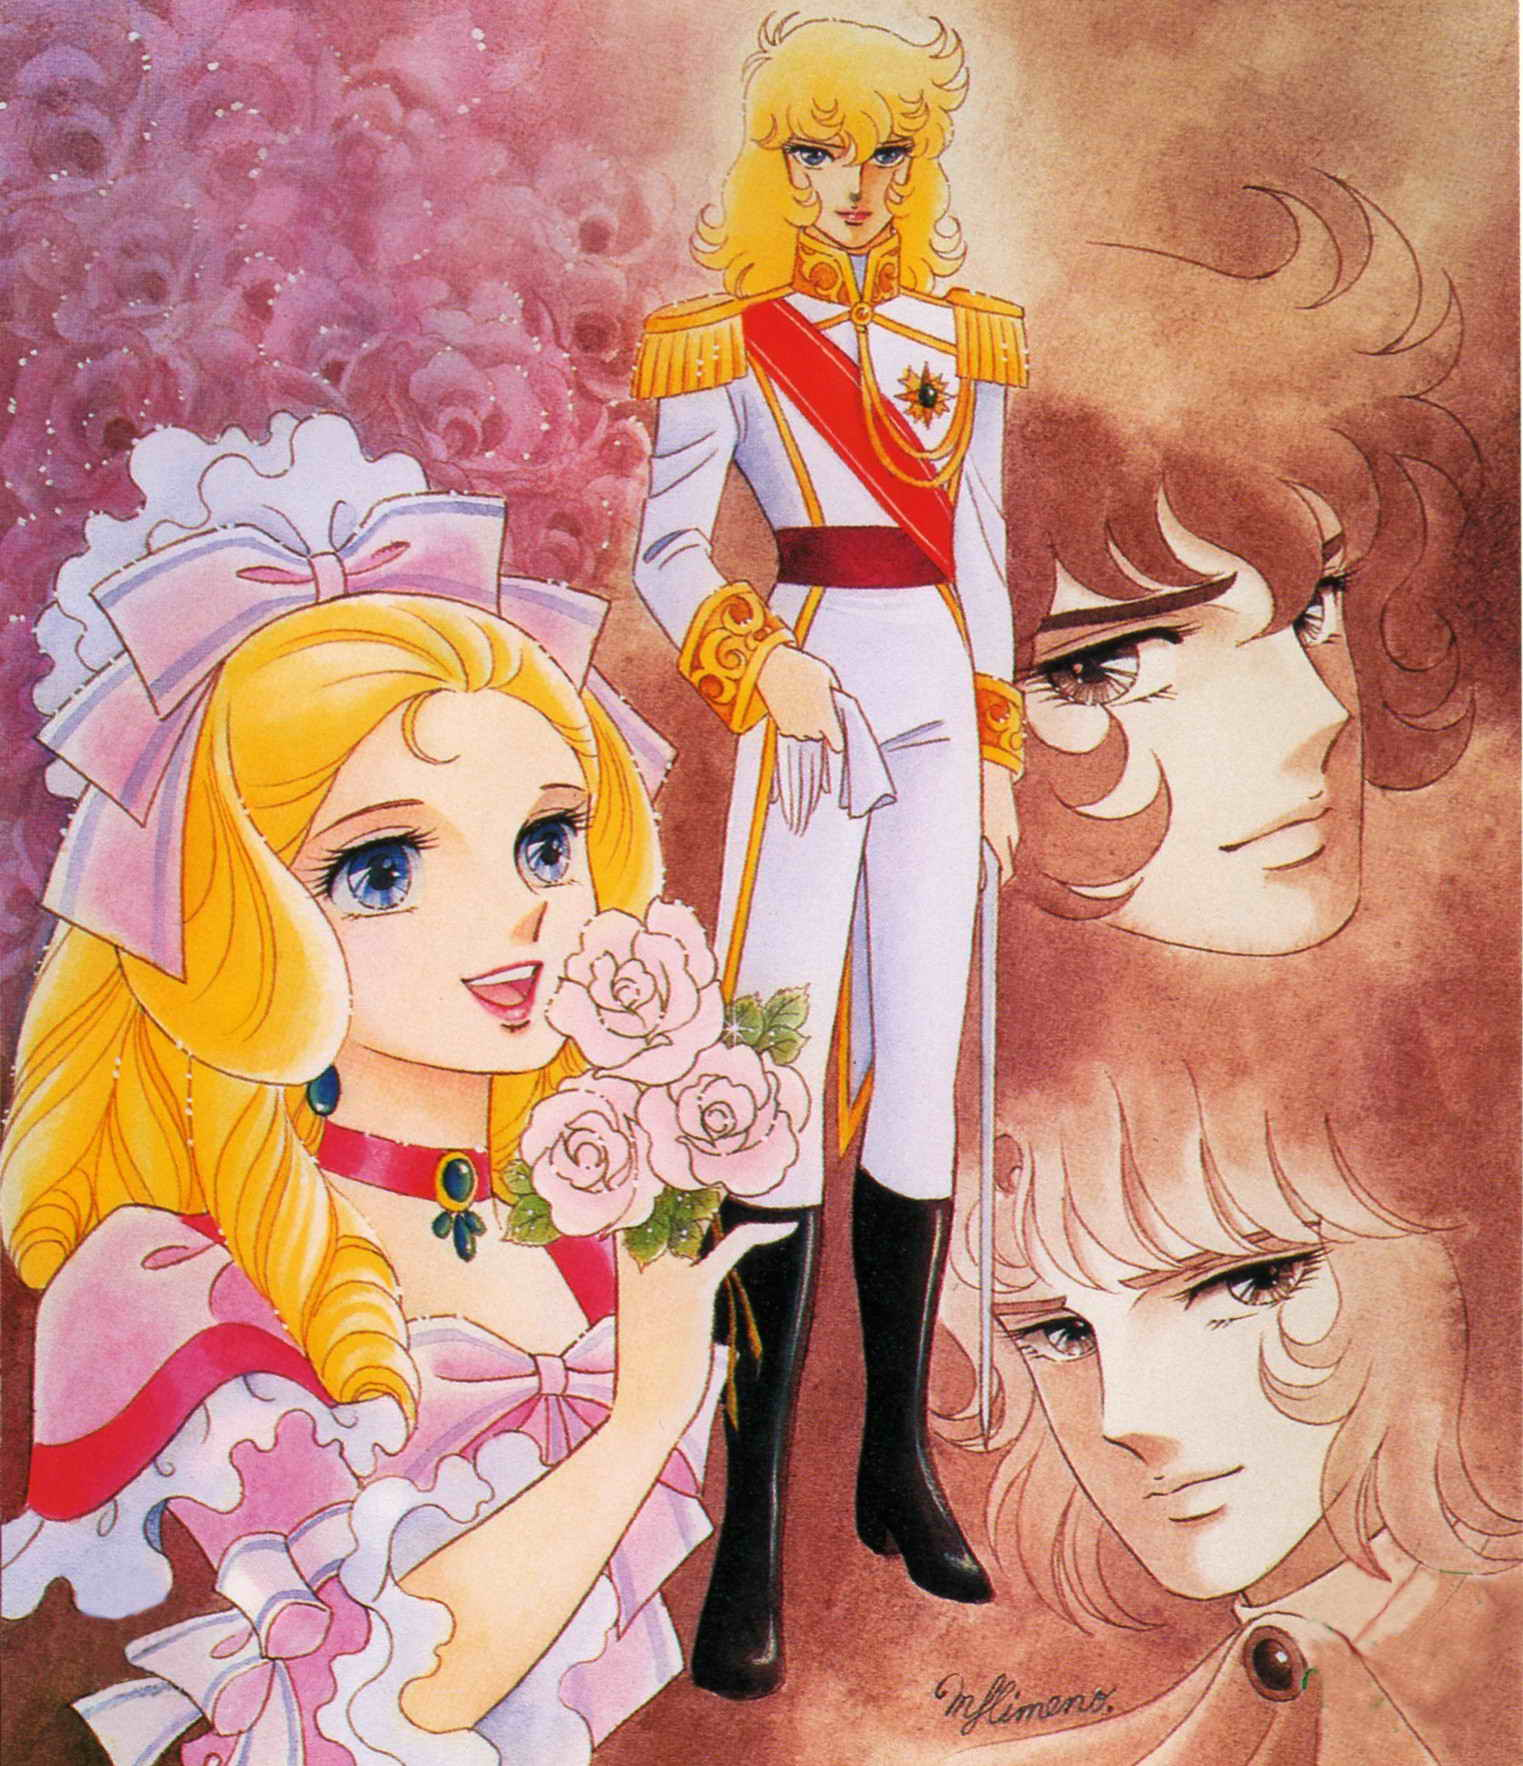 The Rose Of Versailles Episode 40: صور ليـــدي أوسكــــار